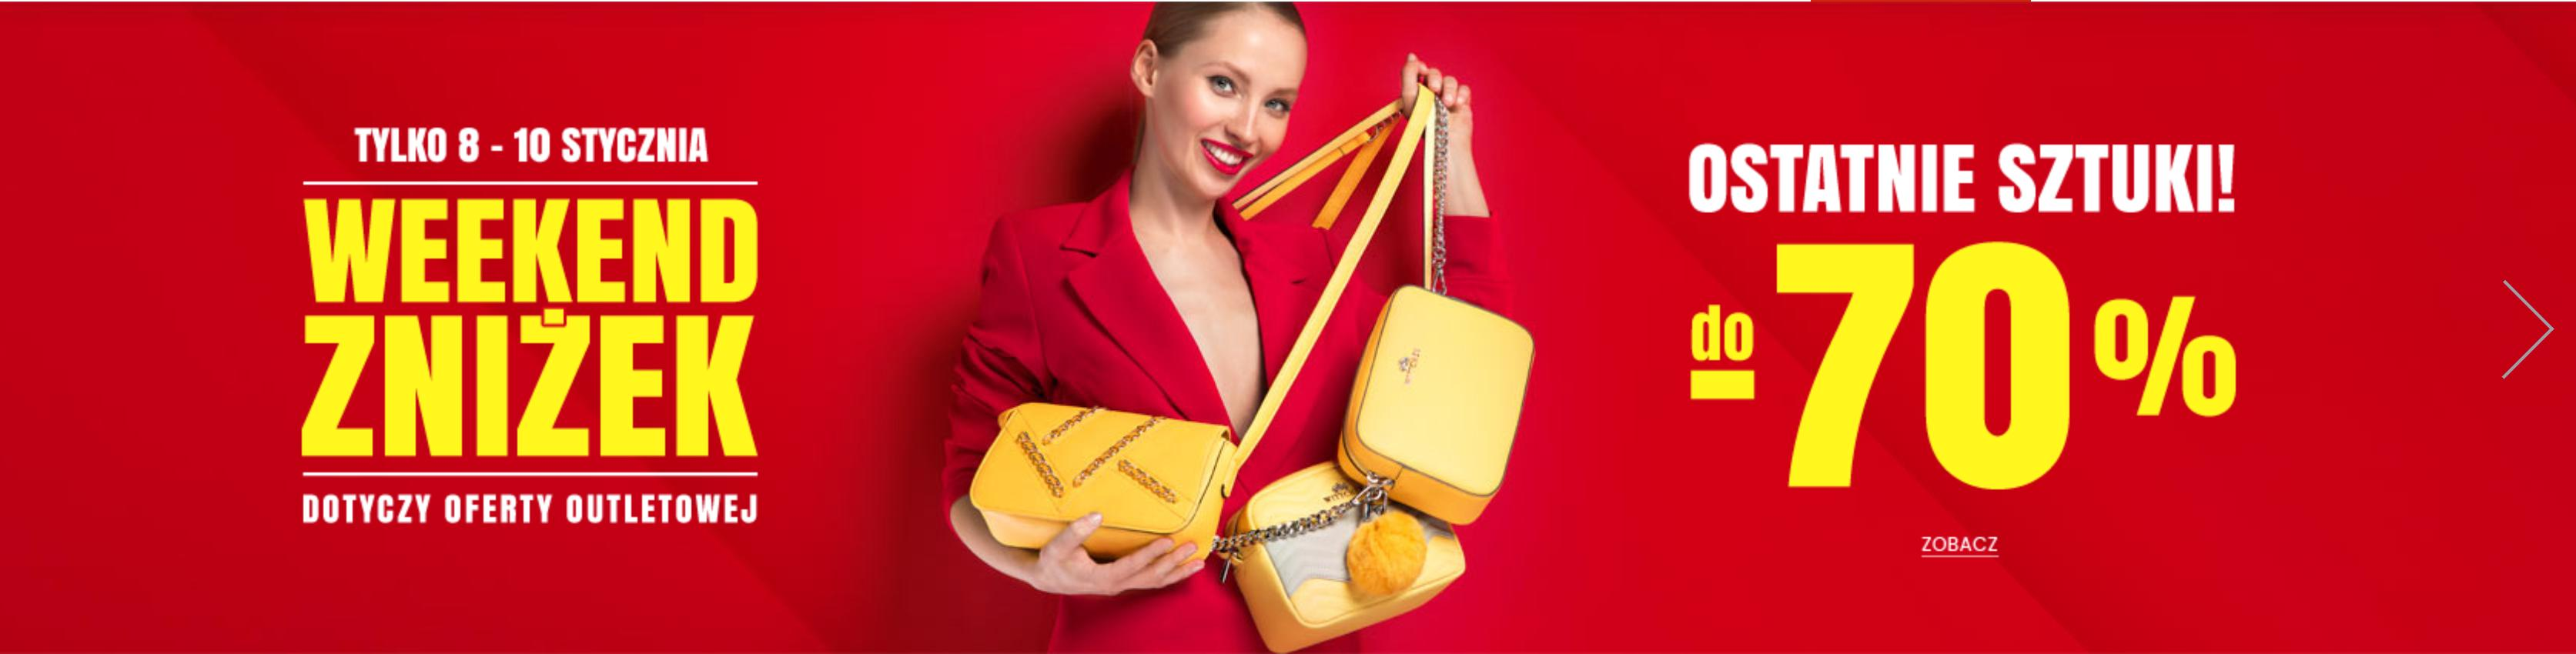 Wittchen: Weekend Zniżek do 70% rabatu na ostatnie sztuki walizek, odzieży i galanterii skórzanej